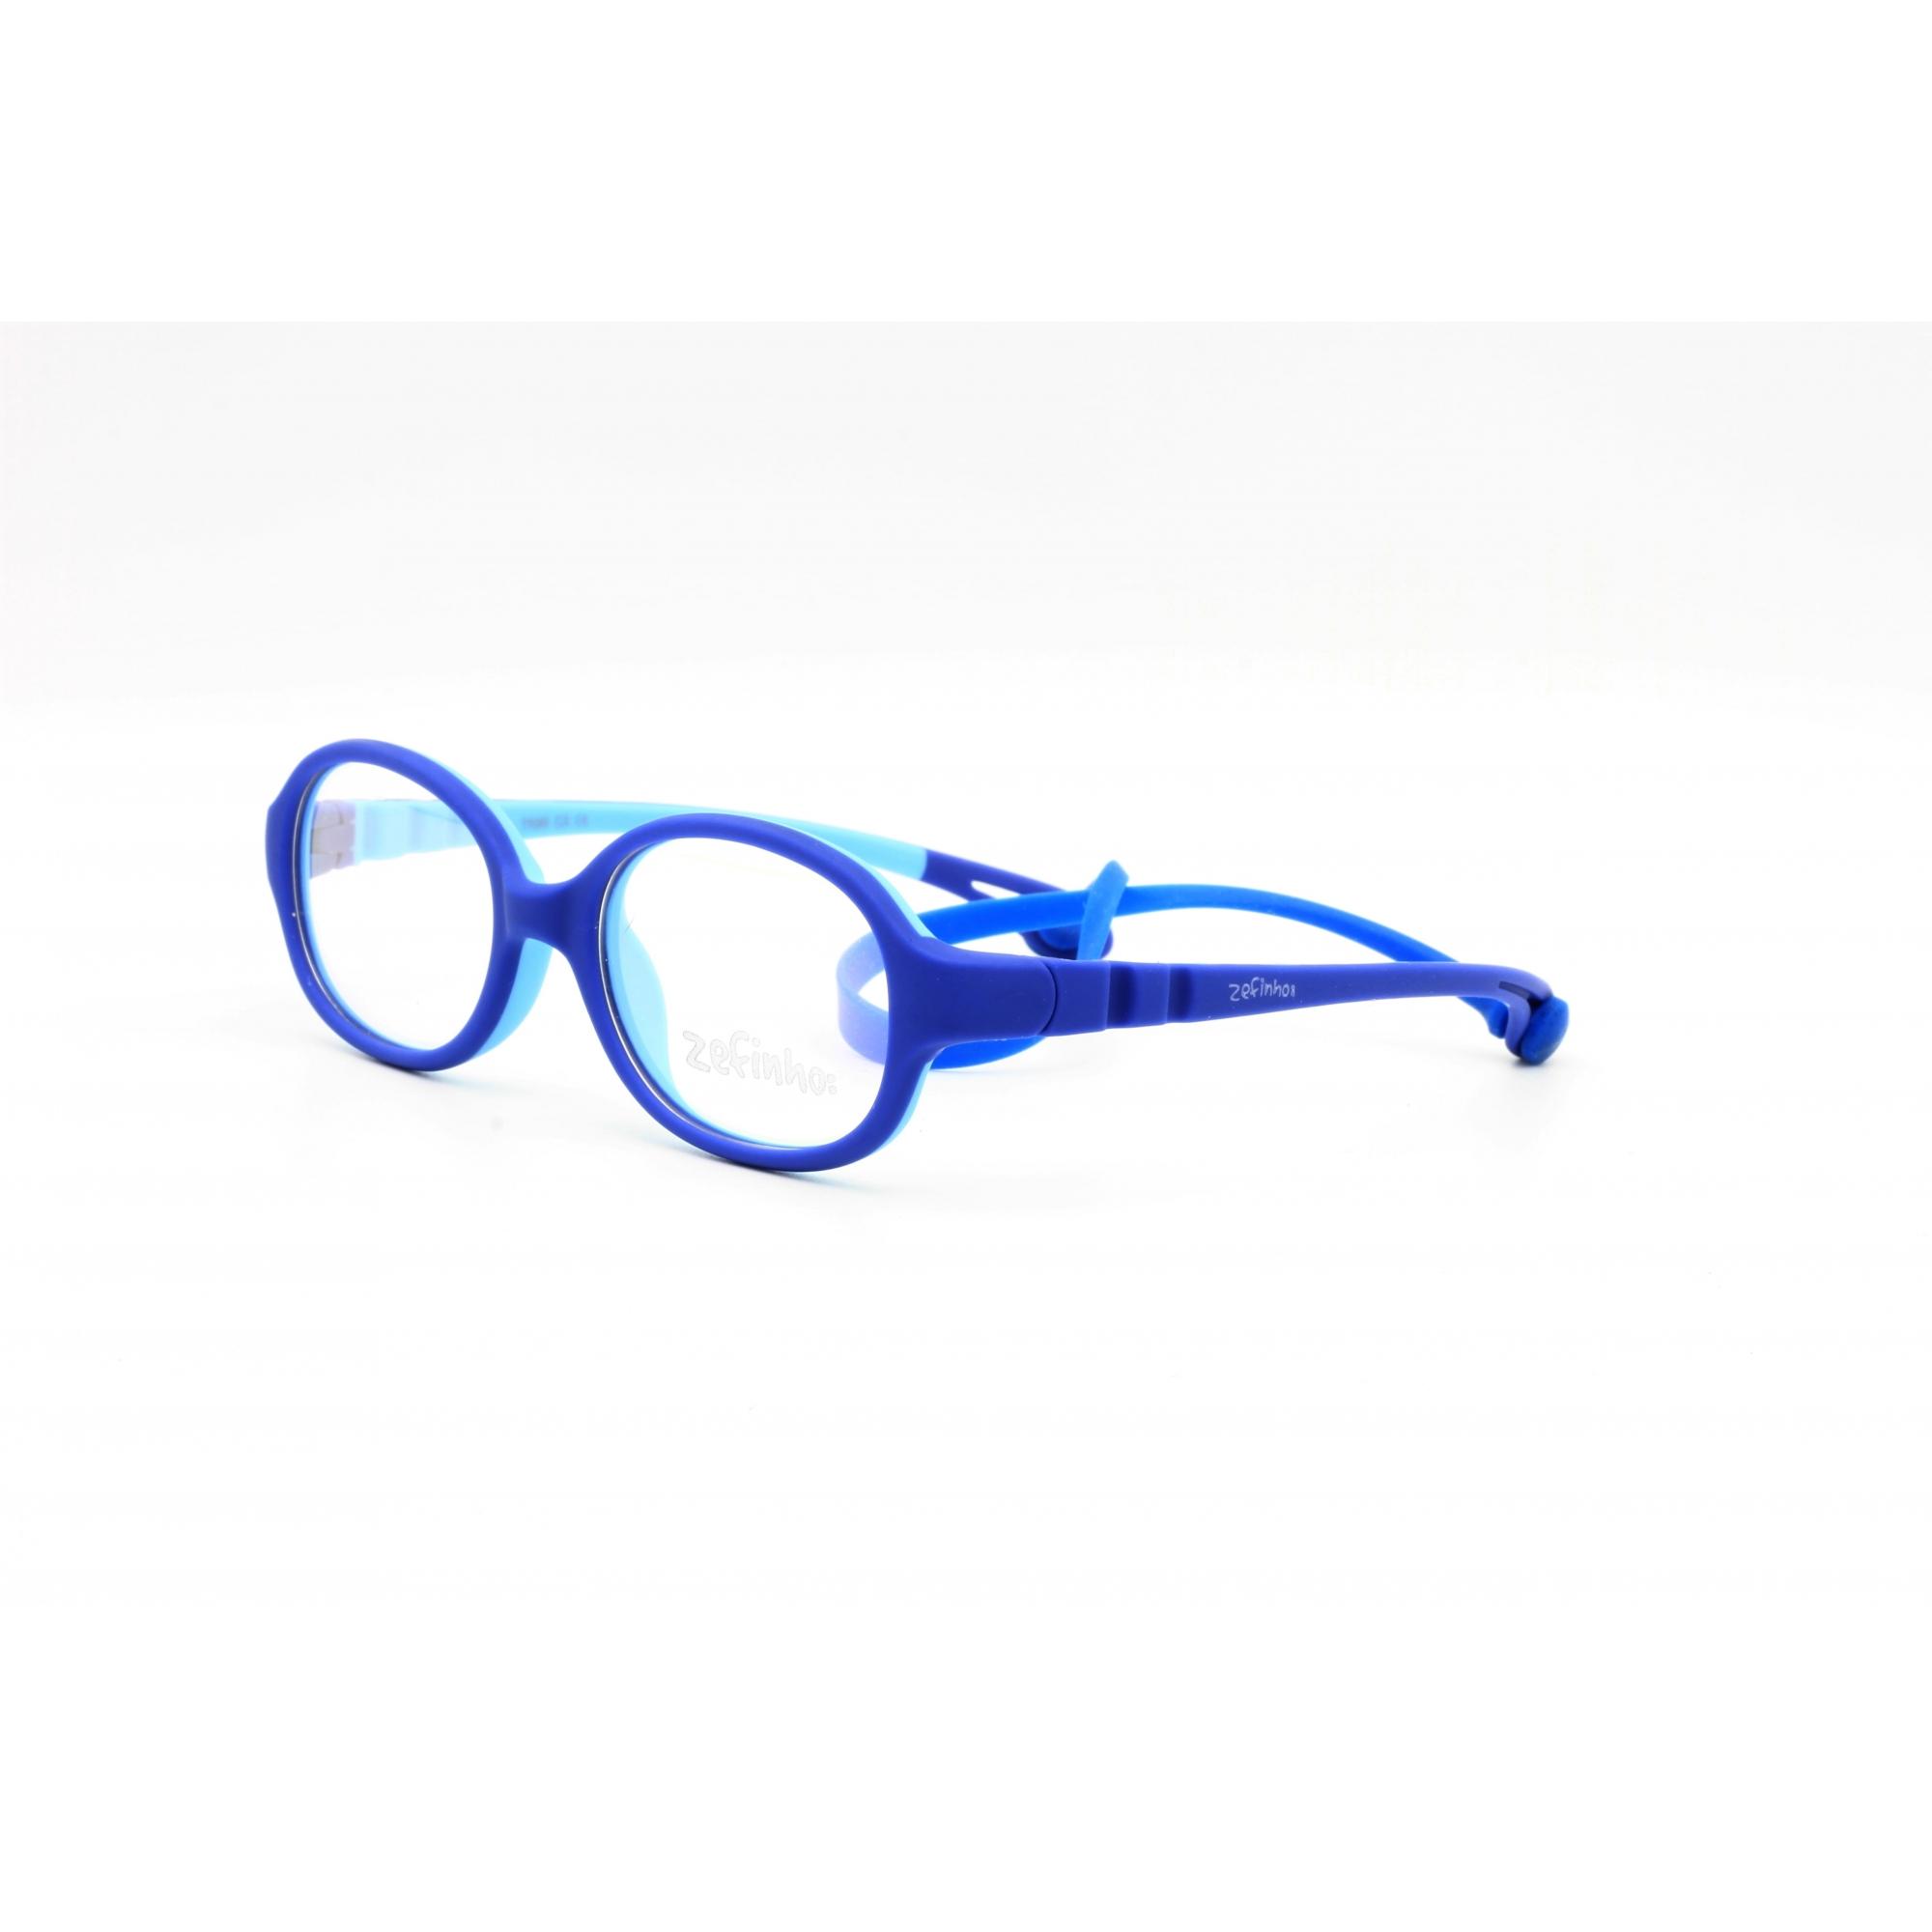 Armação Óculos sem Grau para Menino cor Azul  Ref. ZEFINHO BL502 C3 41